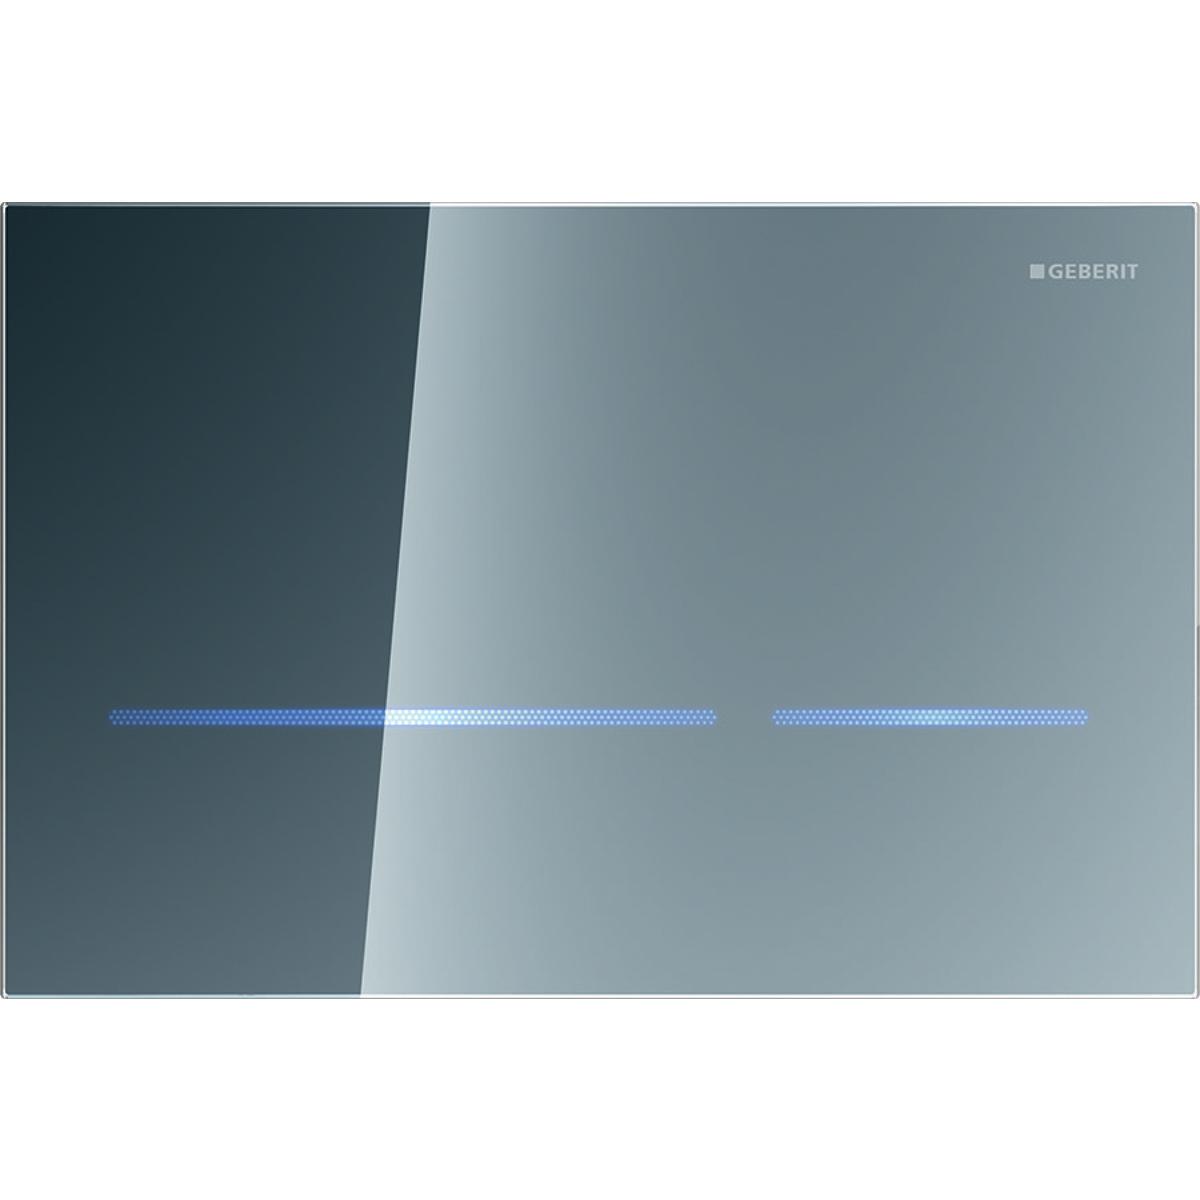 Система электронного управления смывом унитаза Geberit, питание от сети, двойной смыв, смывная клавиша Sigma80, бесконтактный смыв: Зеркальный